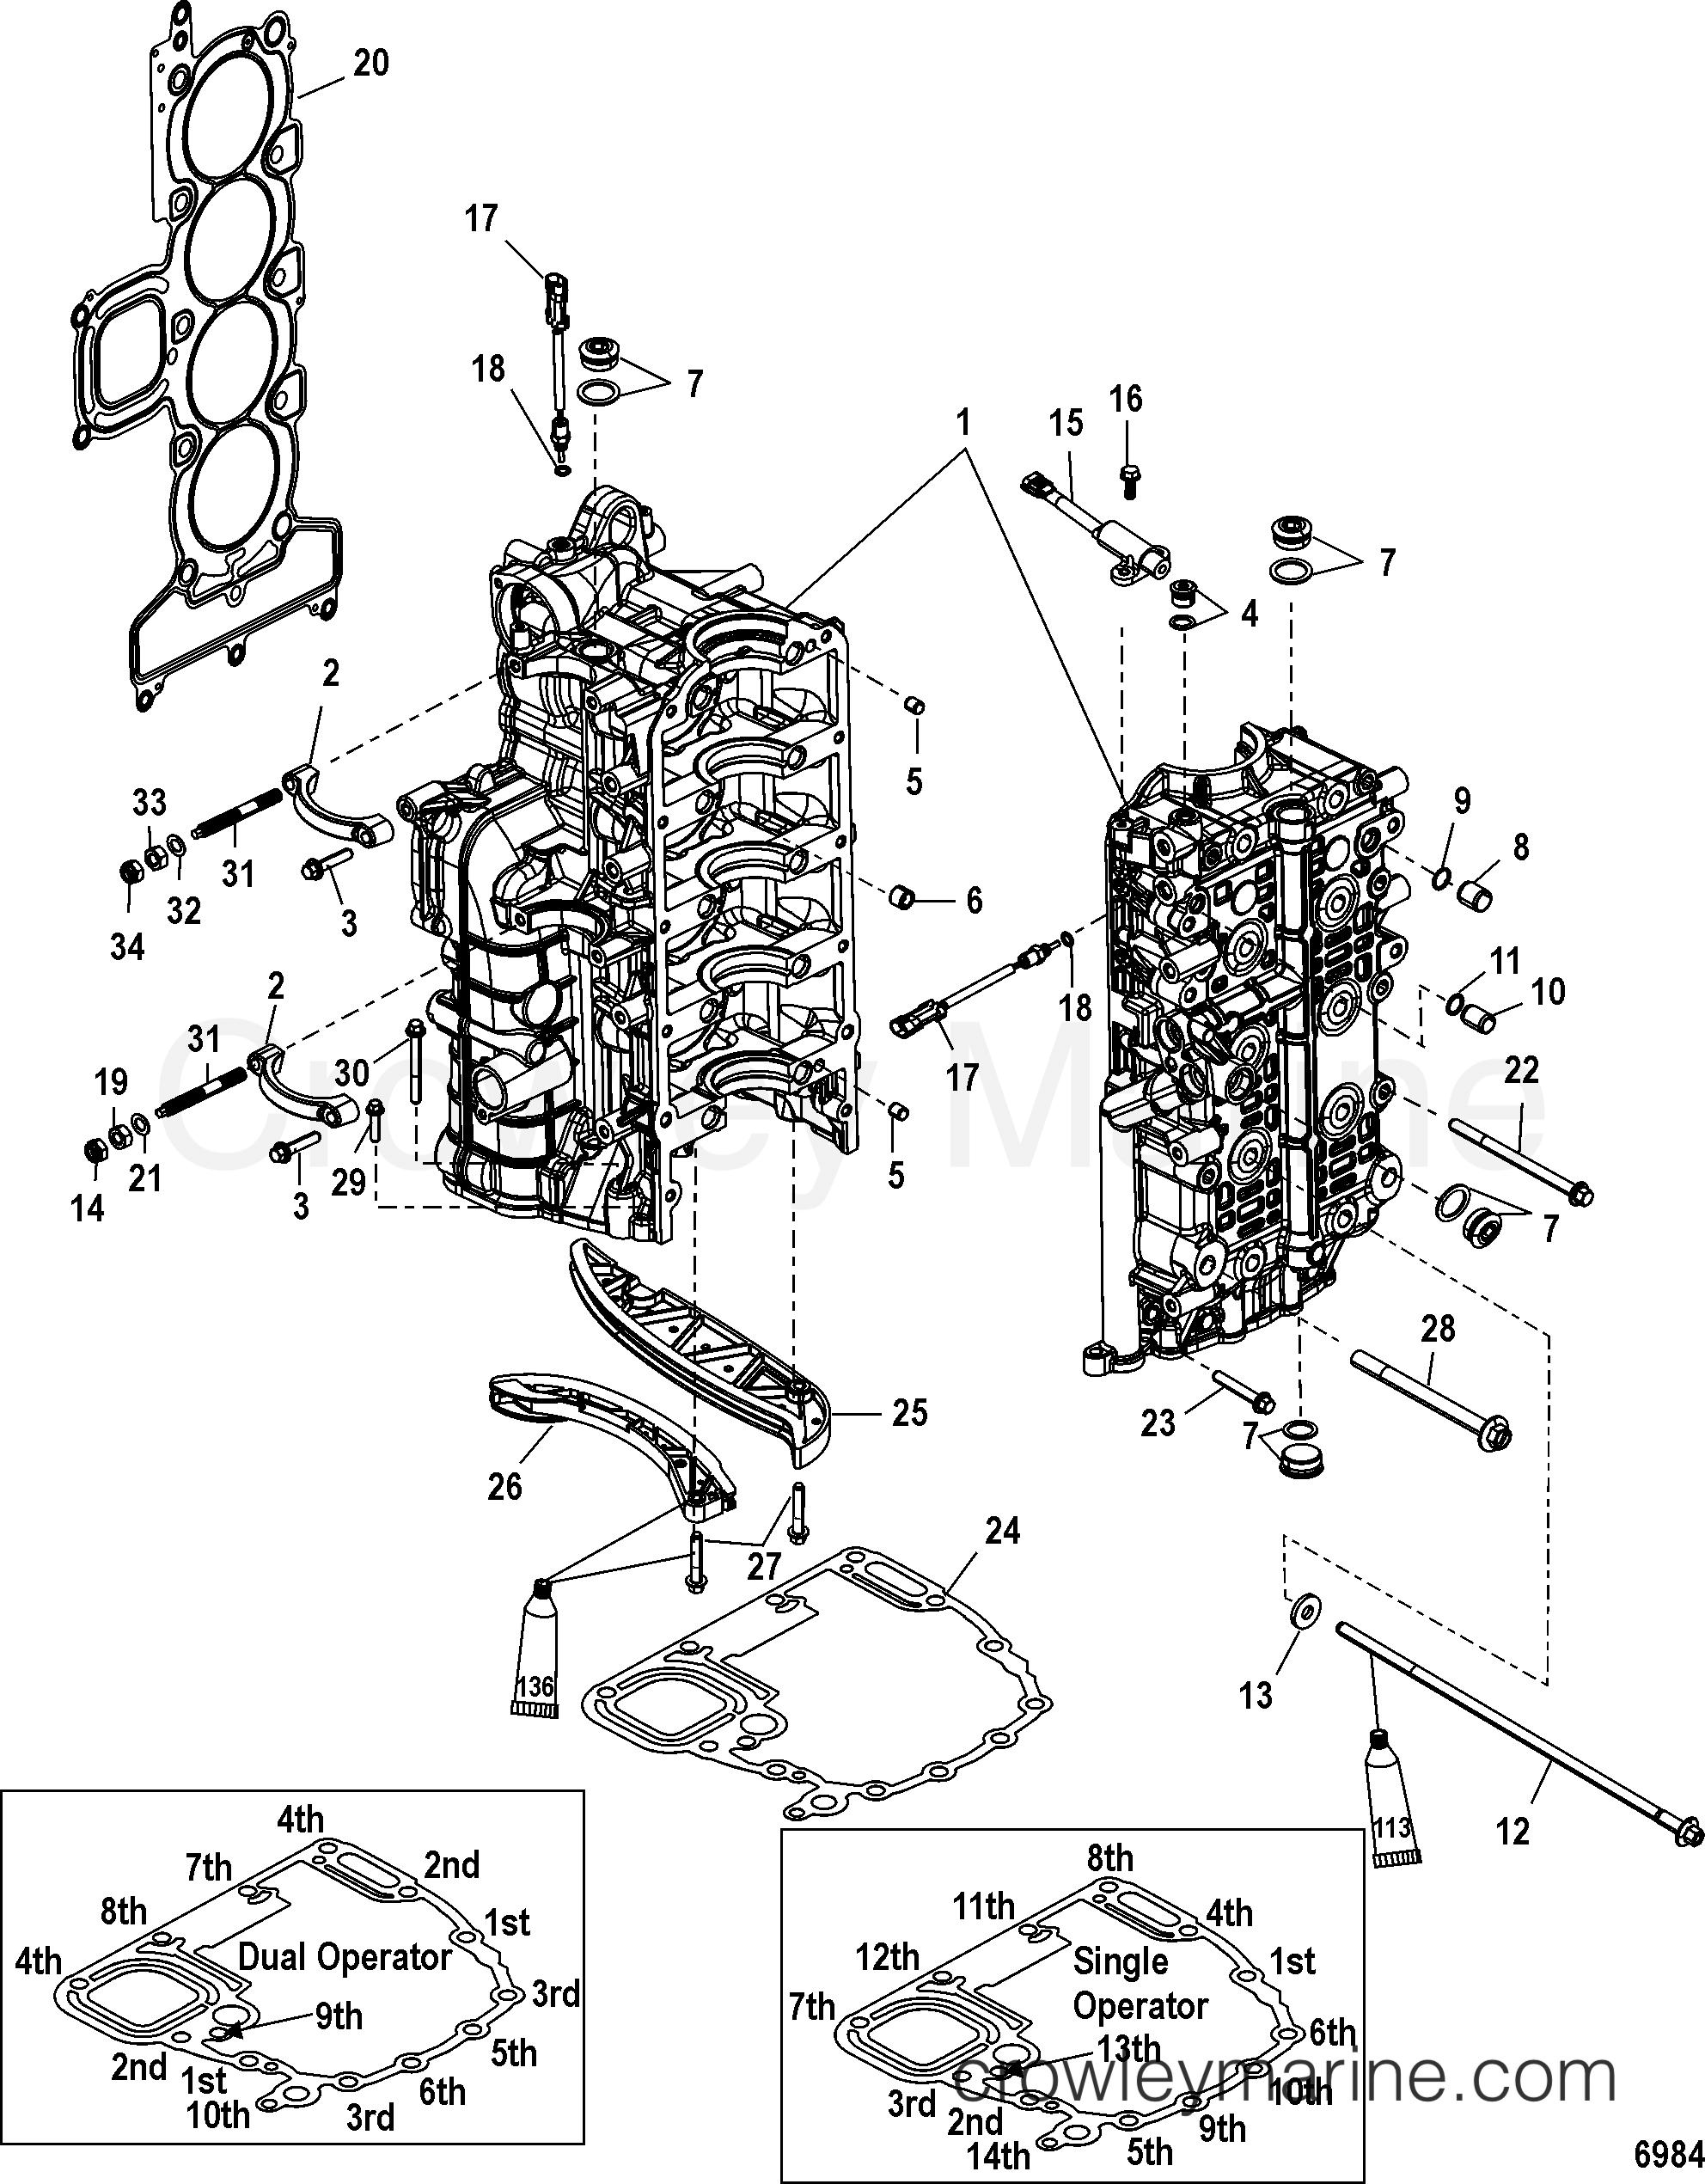 Serial Range Mercury Outboard 200 VERADO (4-STROKE)(4 CYL.)